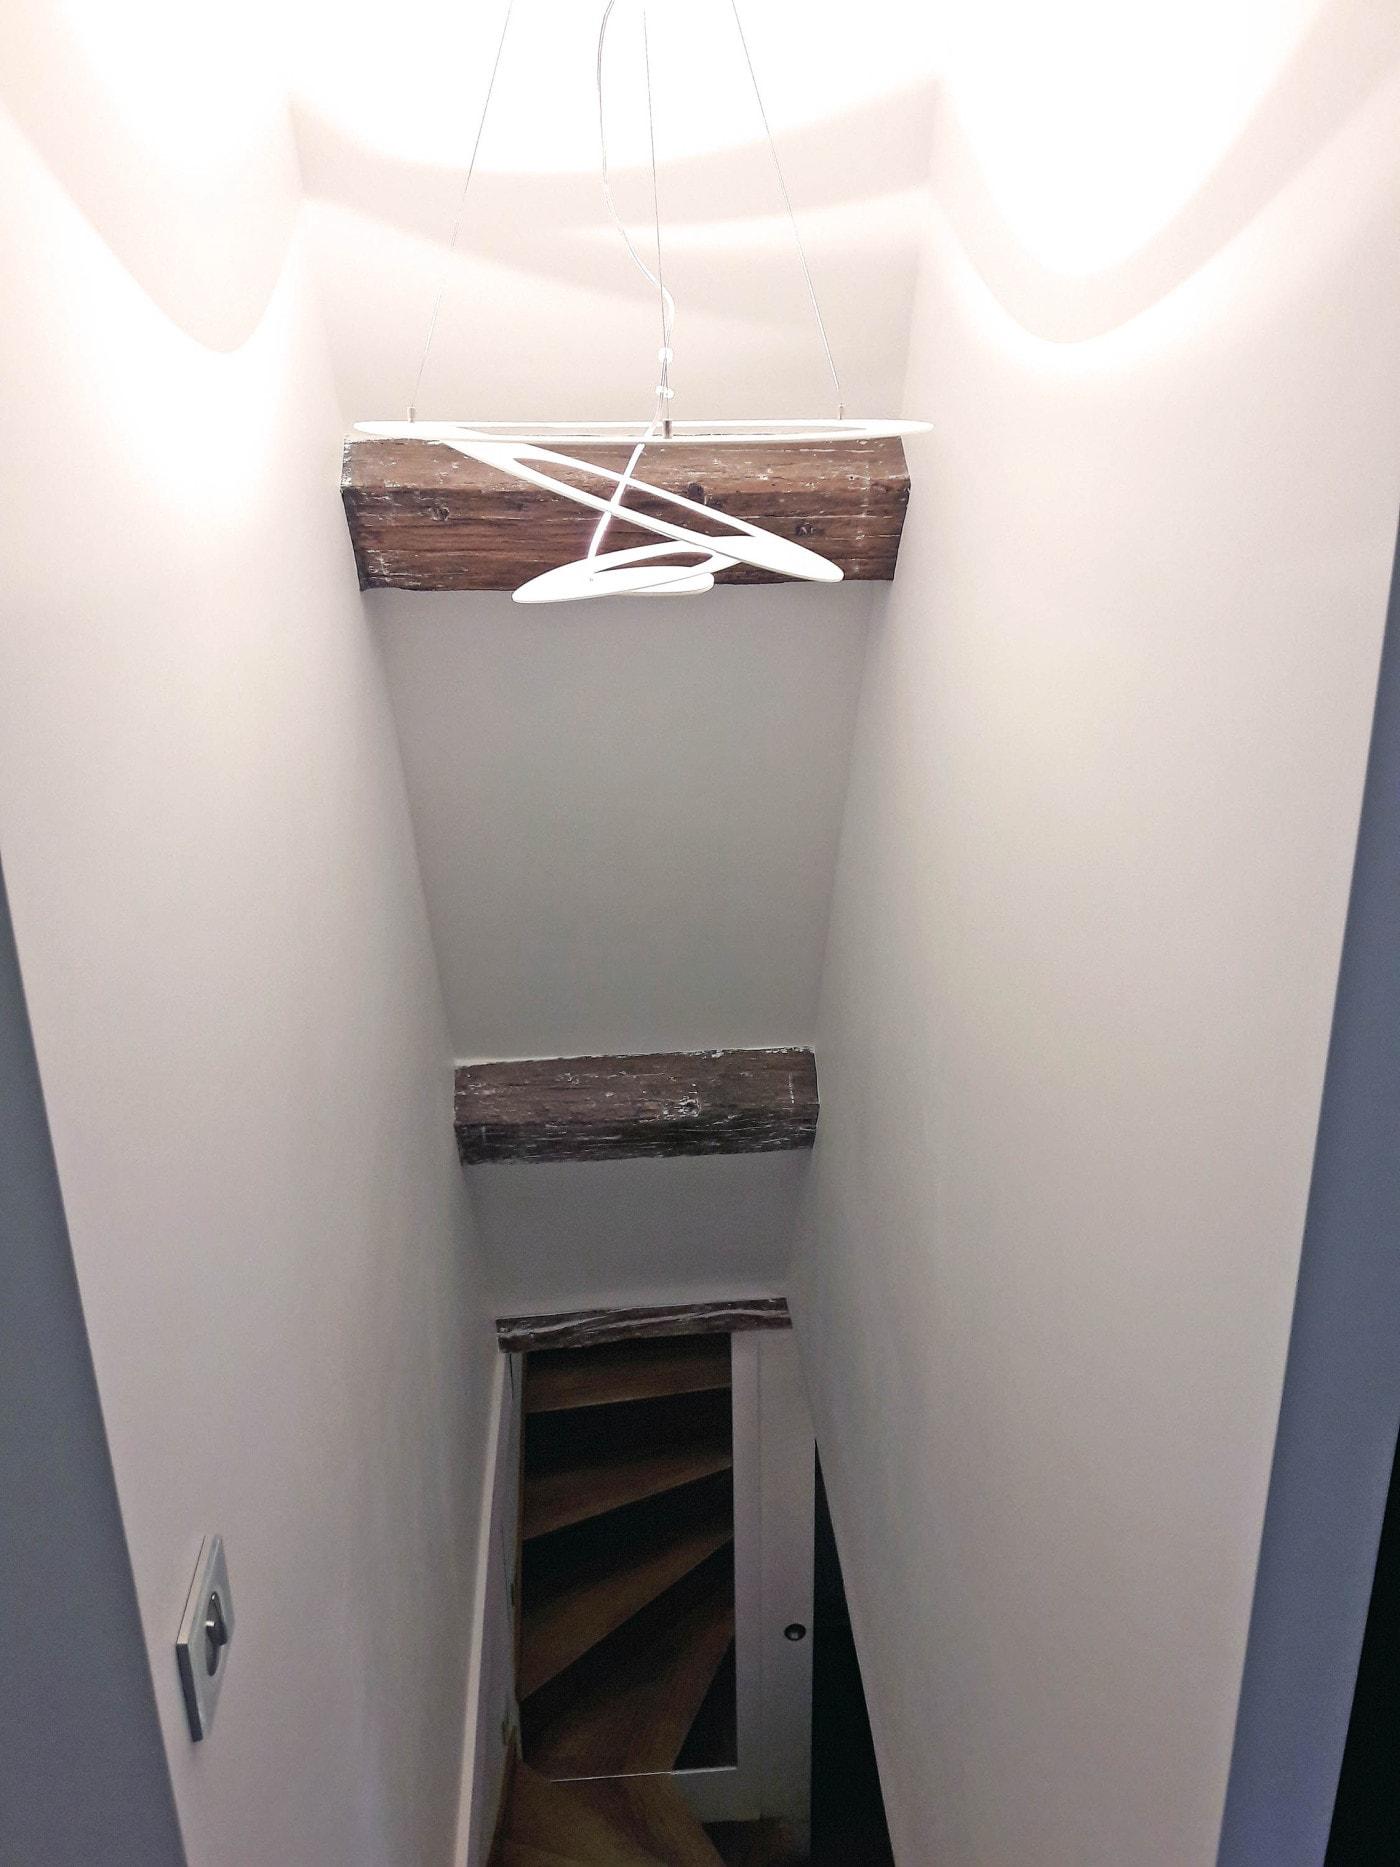 Travaux de rénovation et maitrise d'œuvre d'un appartement parisien sous les toits 4